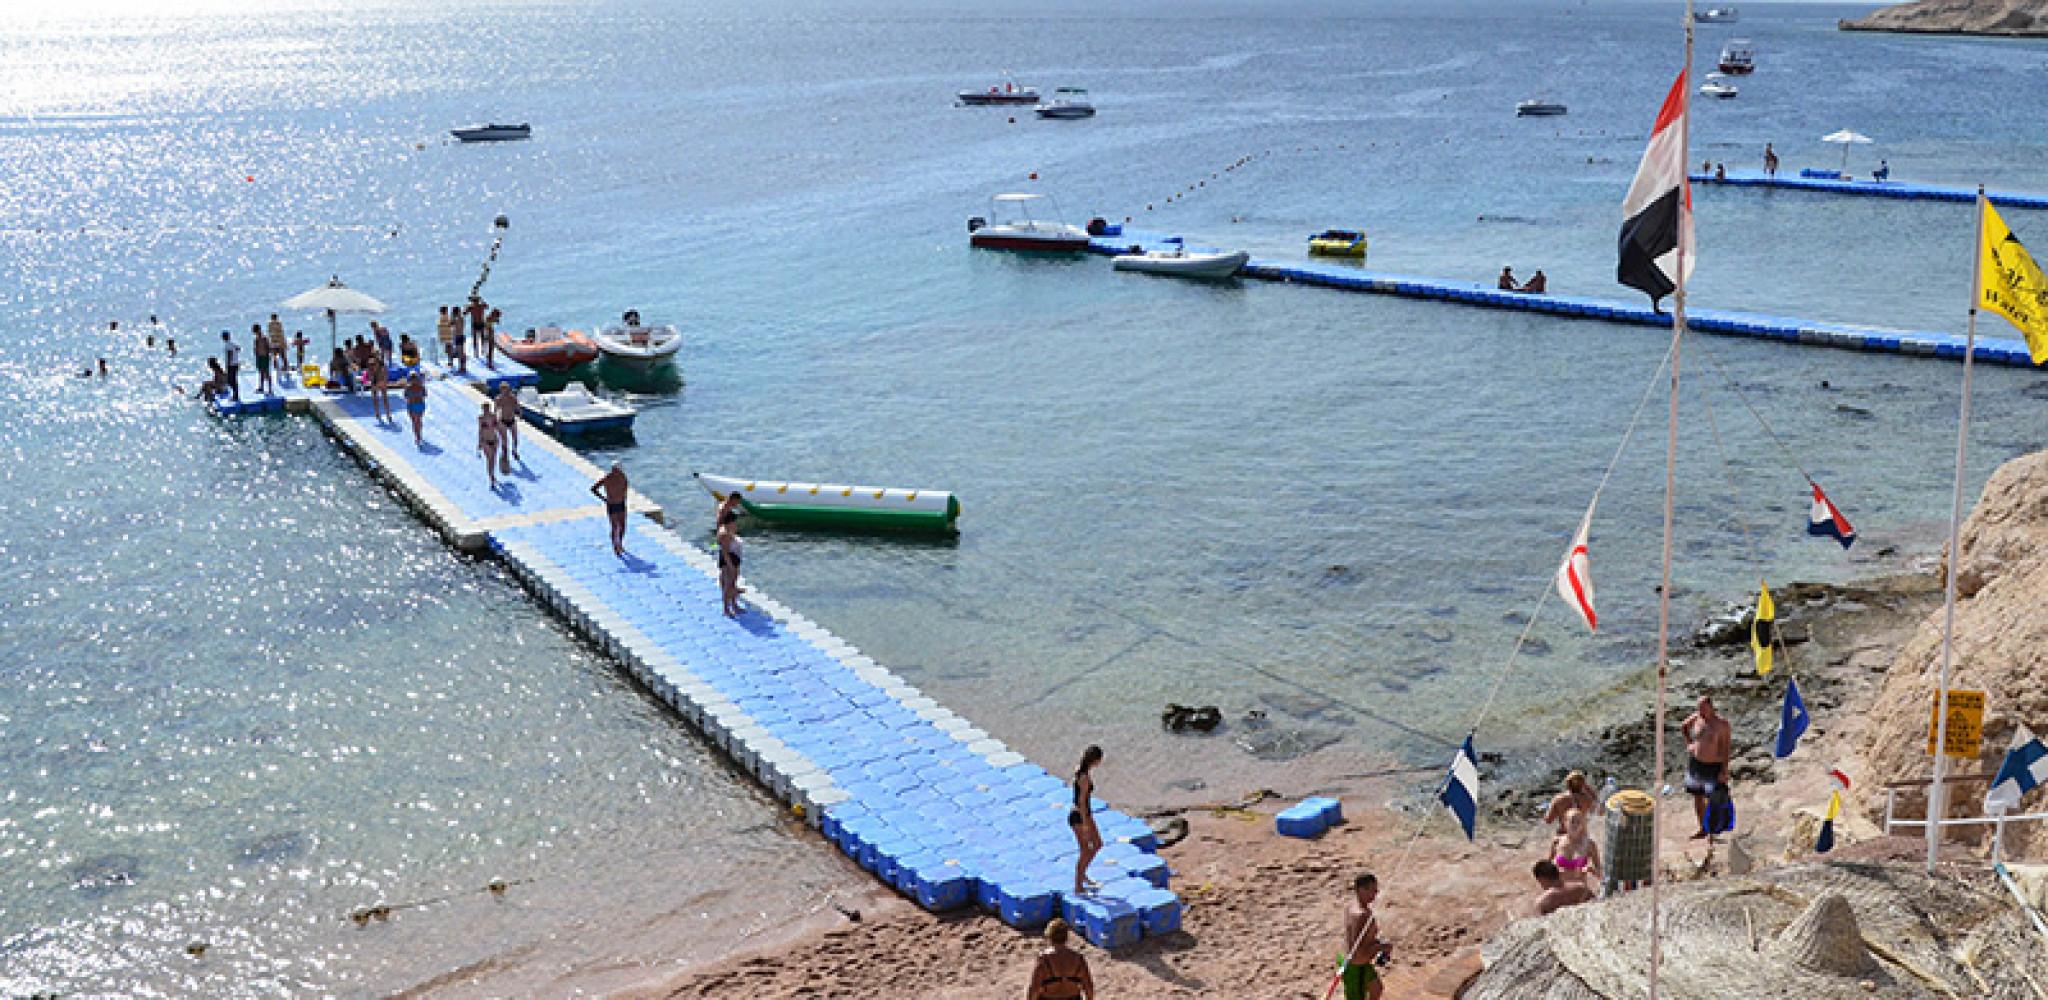 Hilton Sharks Bay 4*